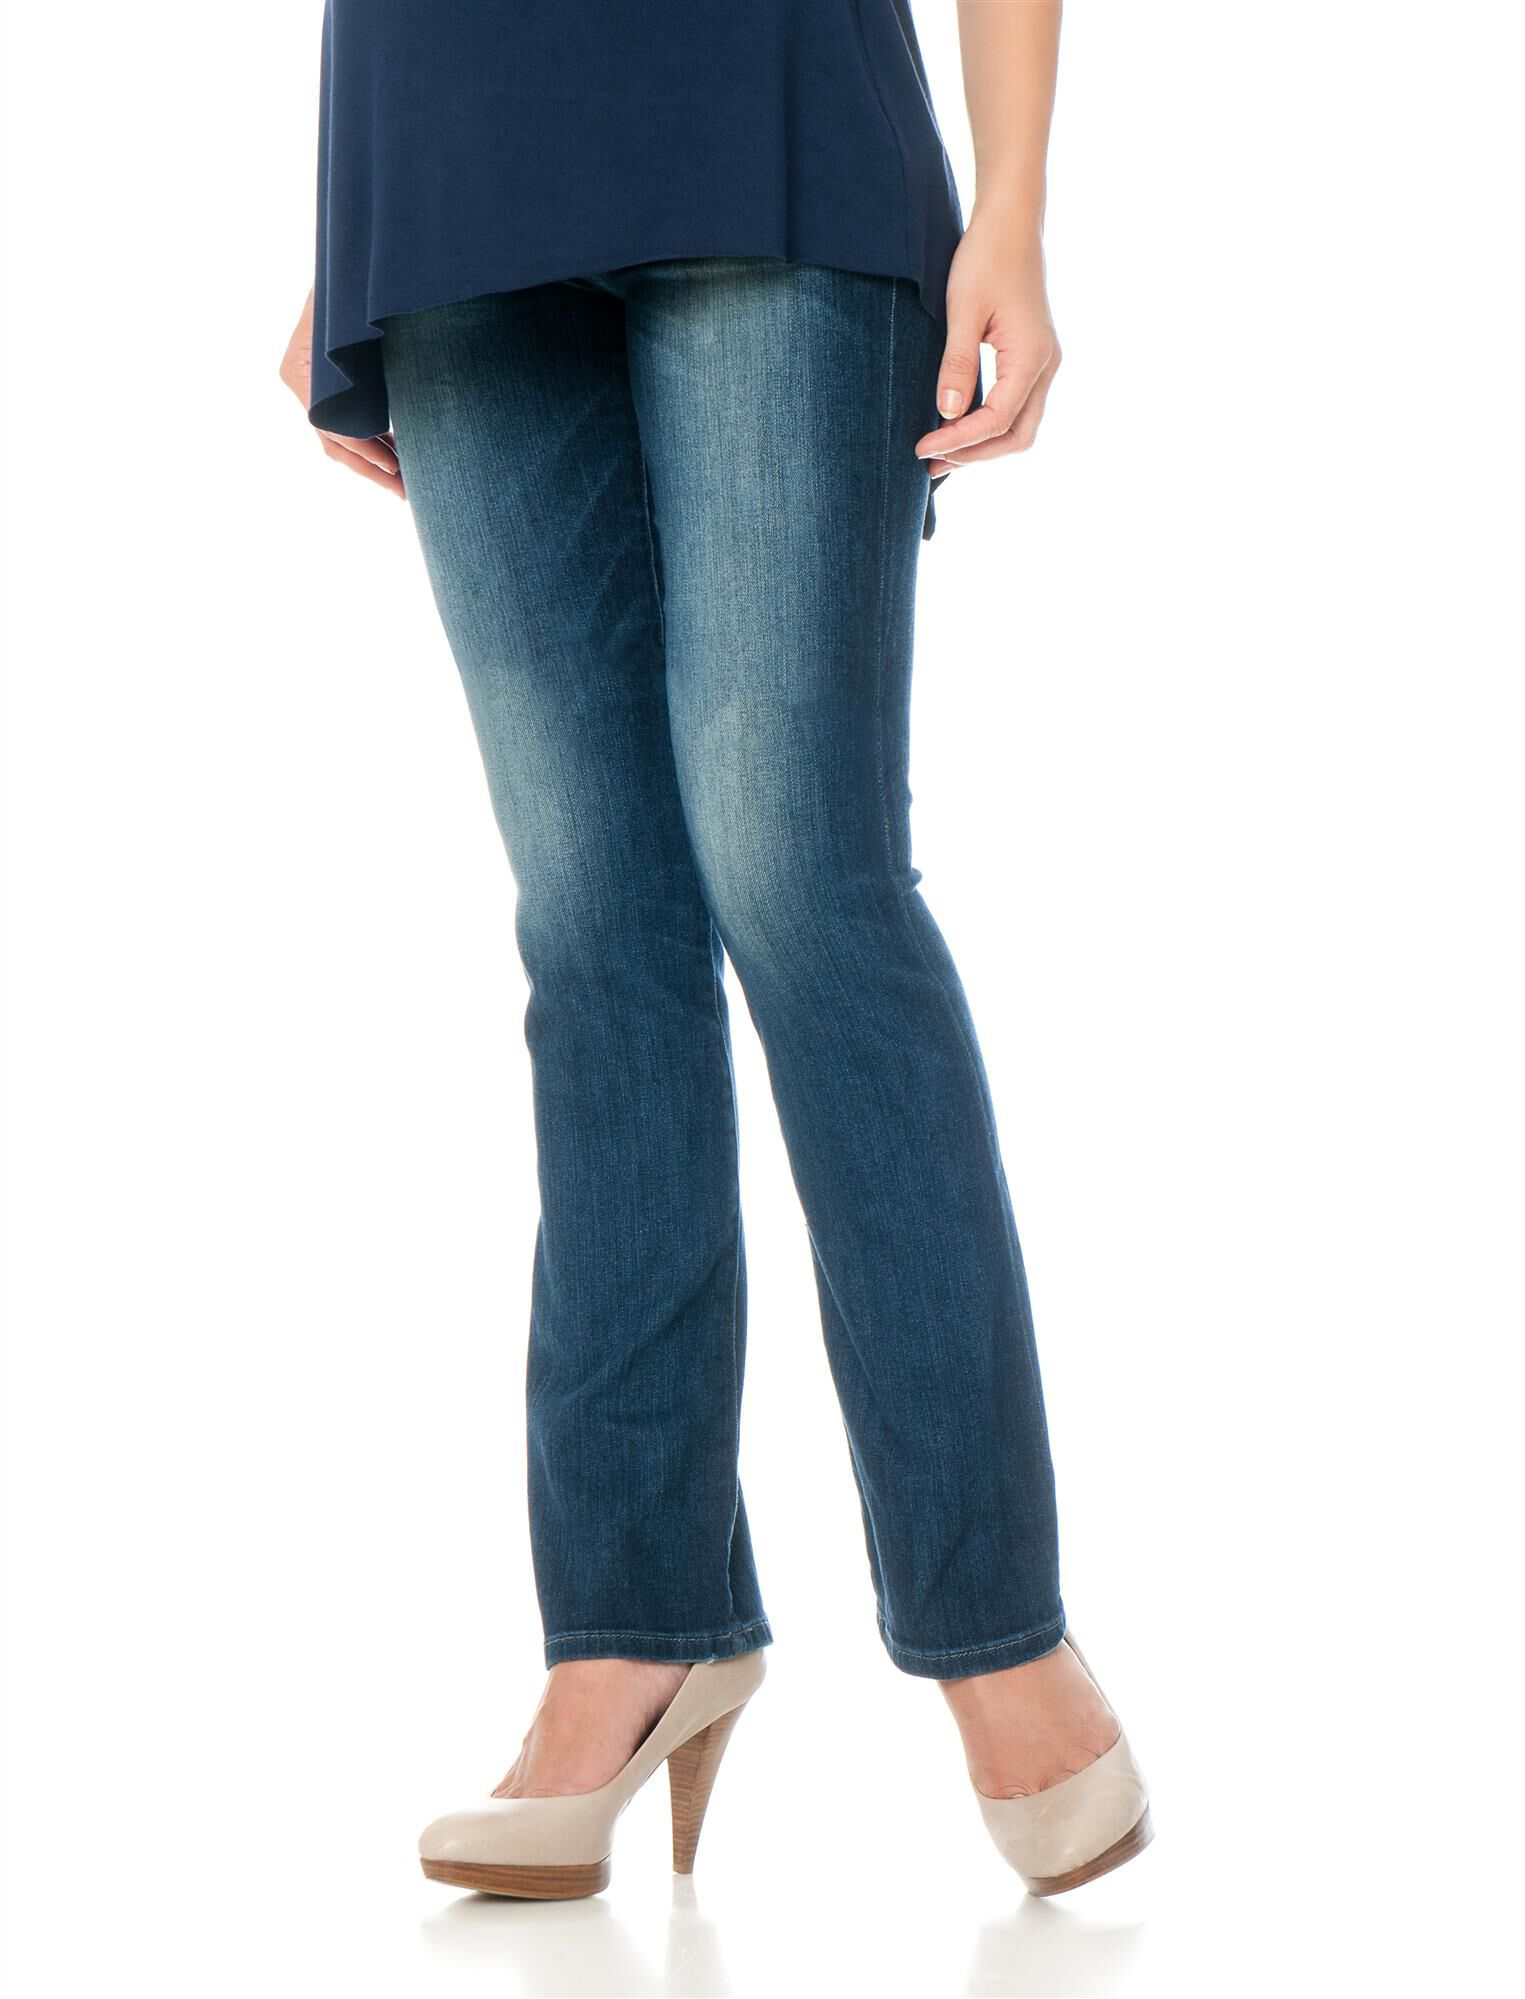 Joe's Secret Fit Belly Boot Cut Maternity Jeans